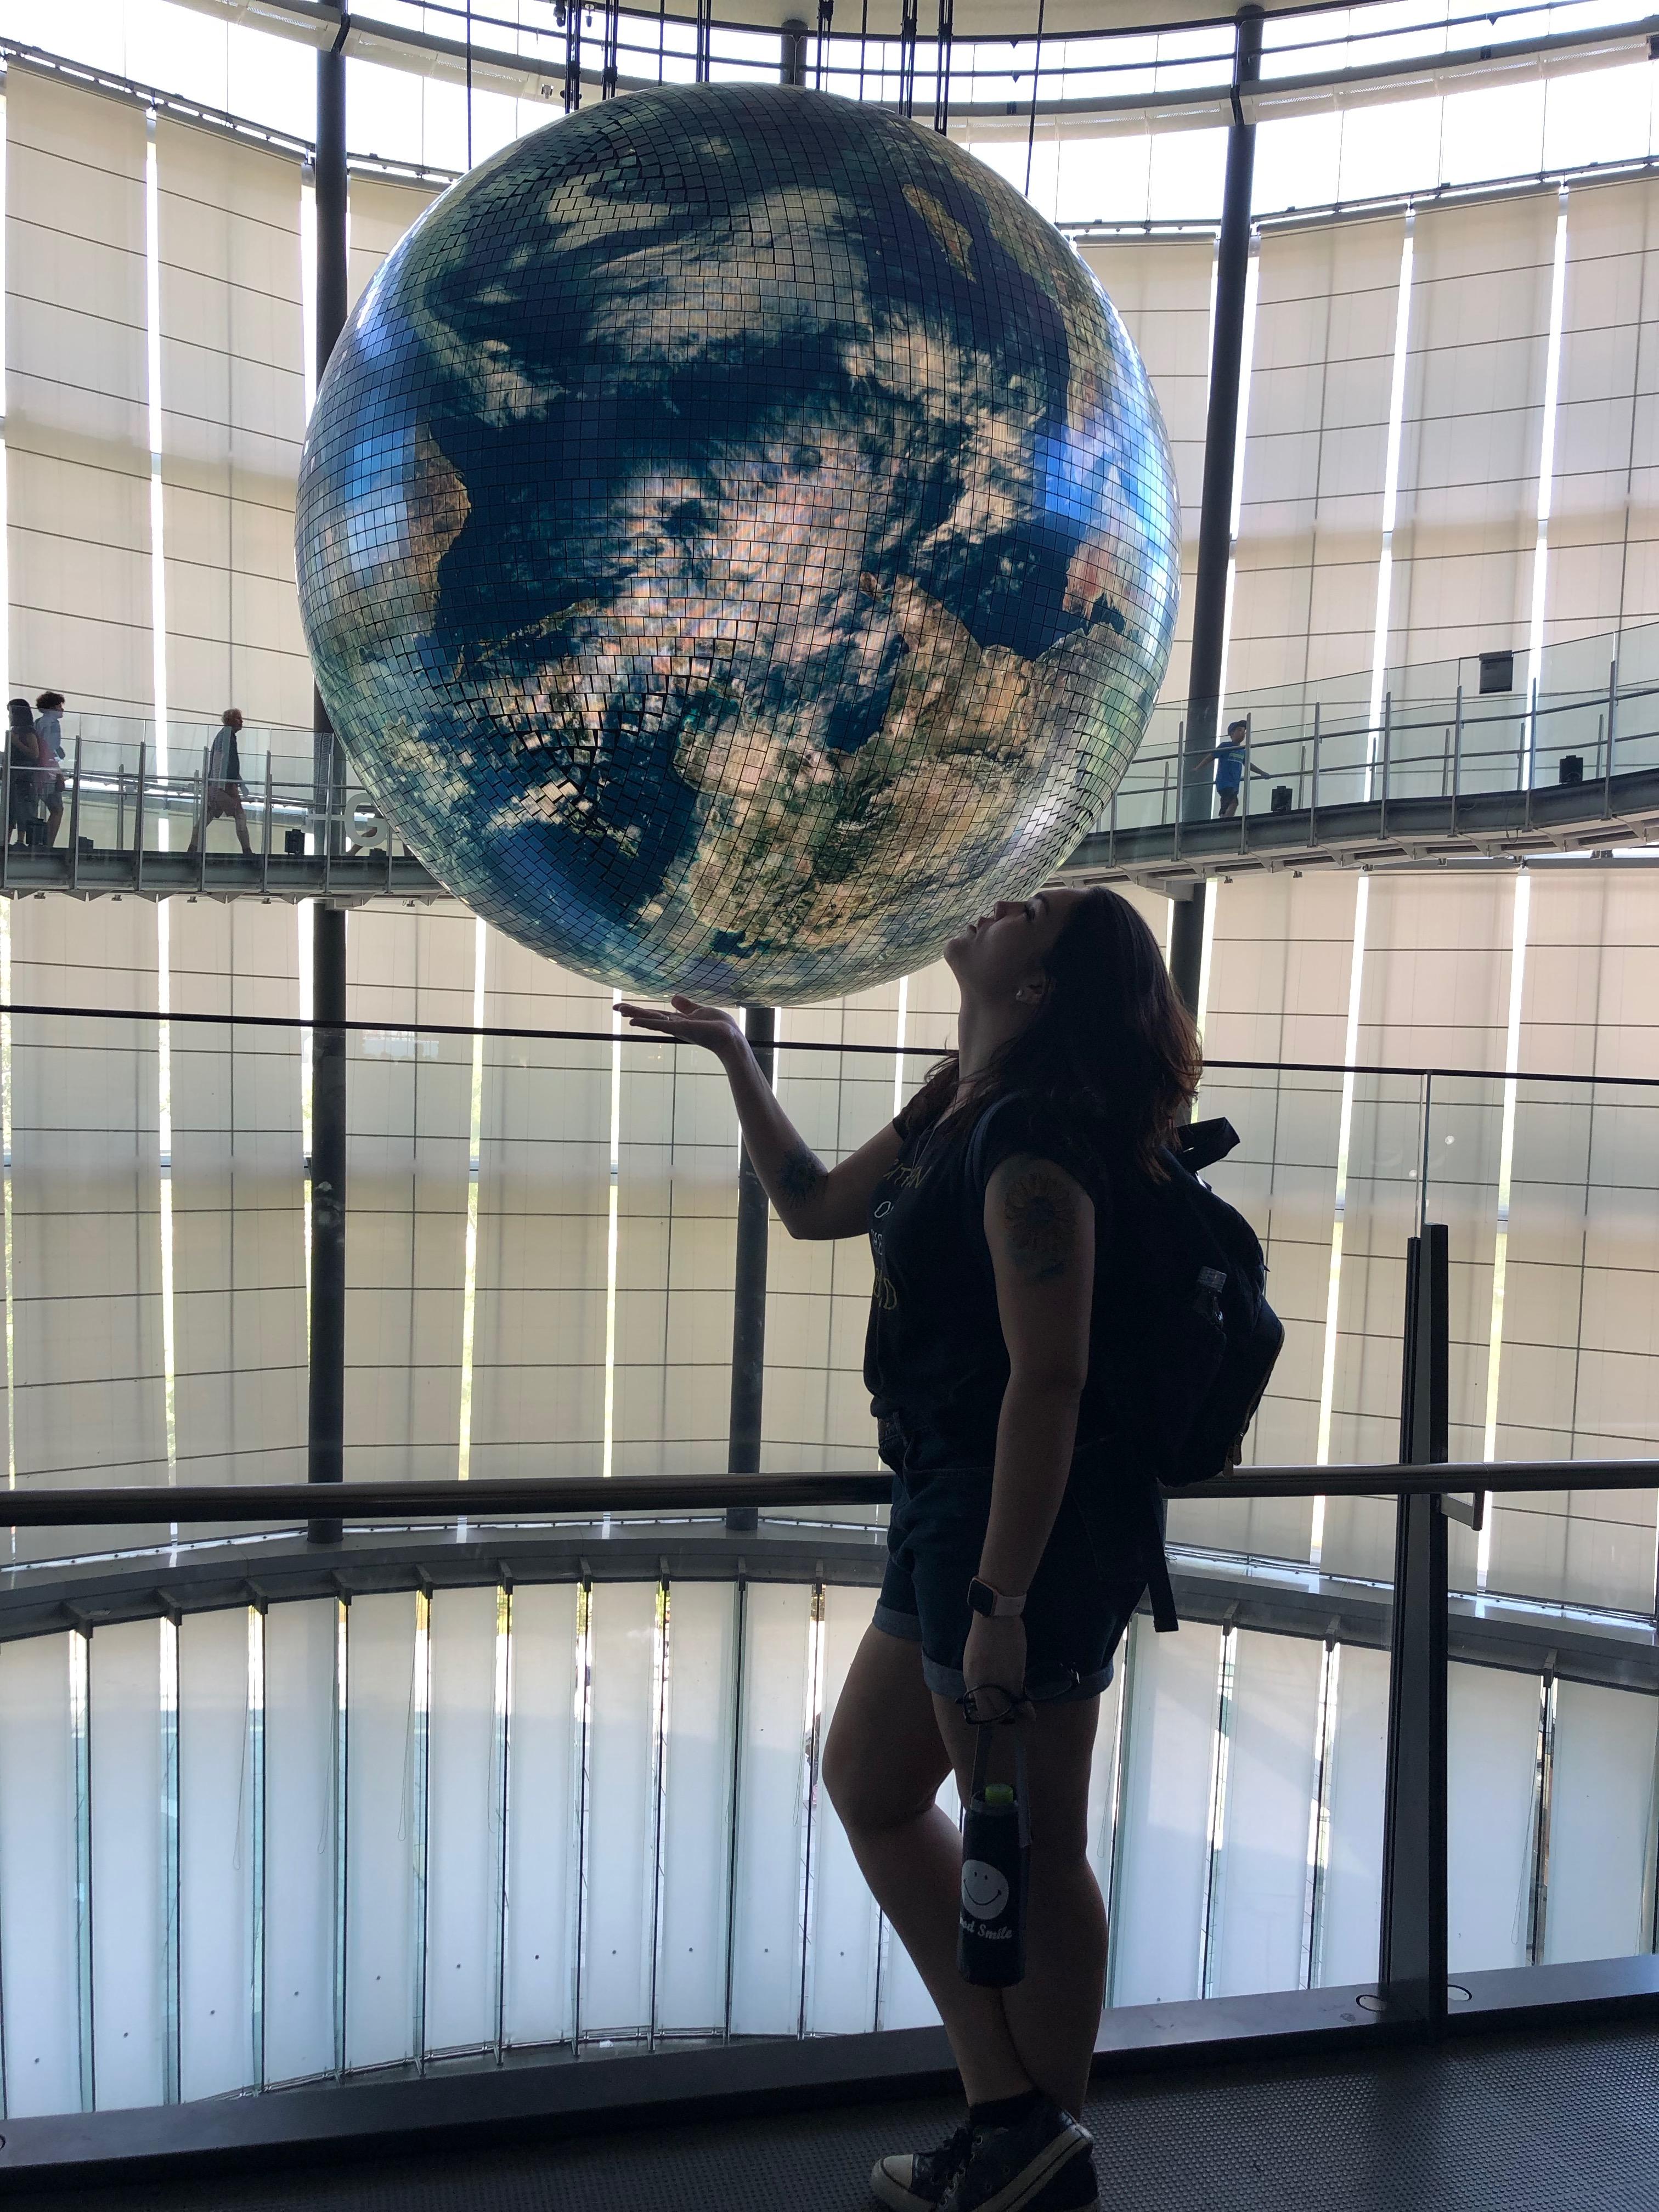 O mundo é pequeno para meus sonhos